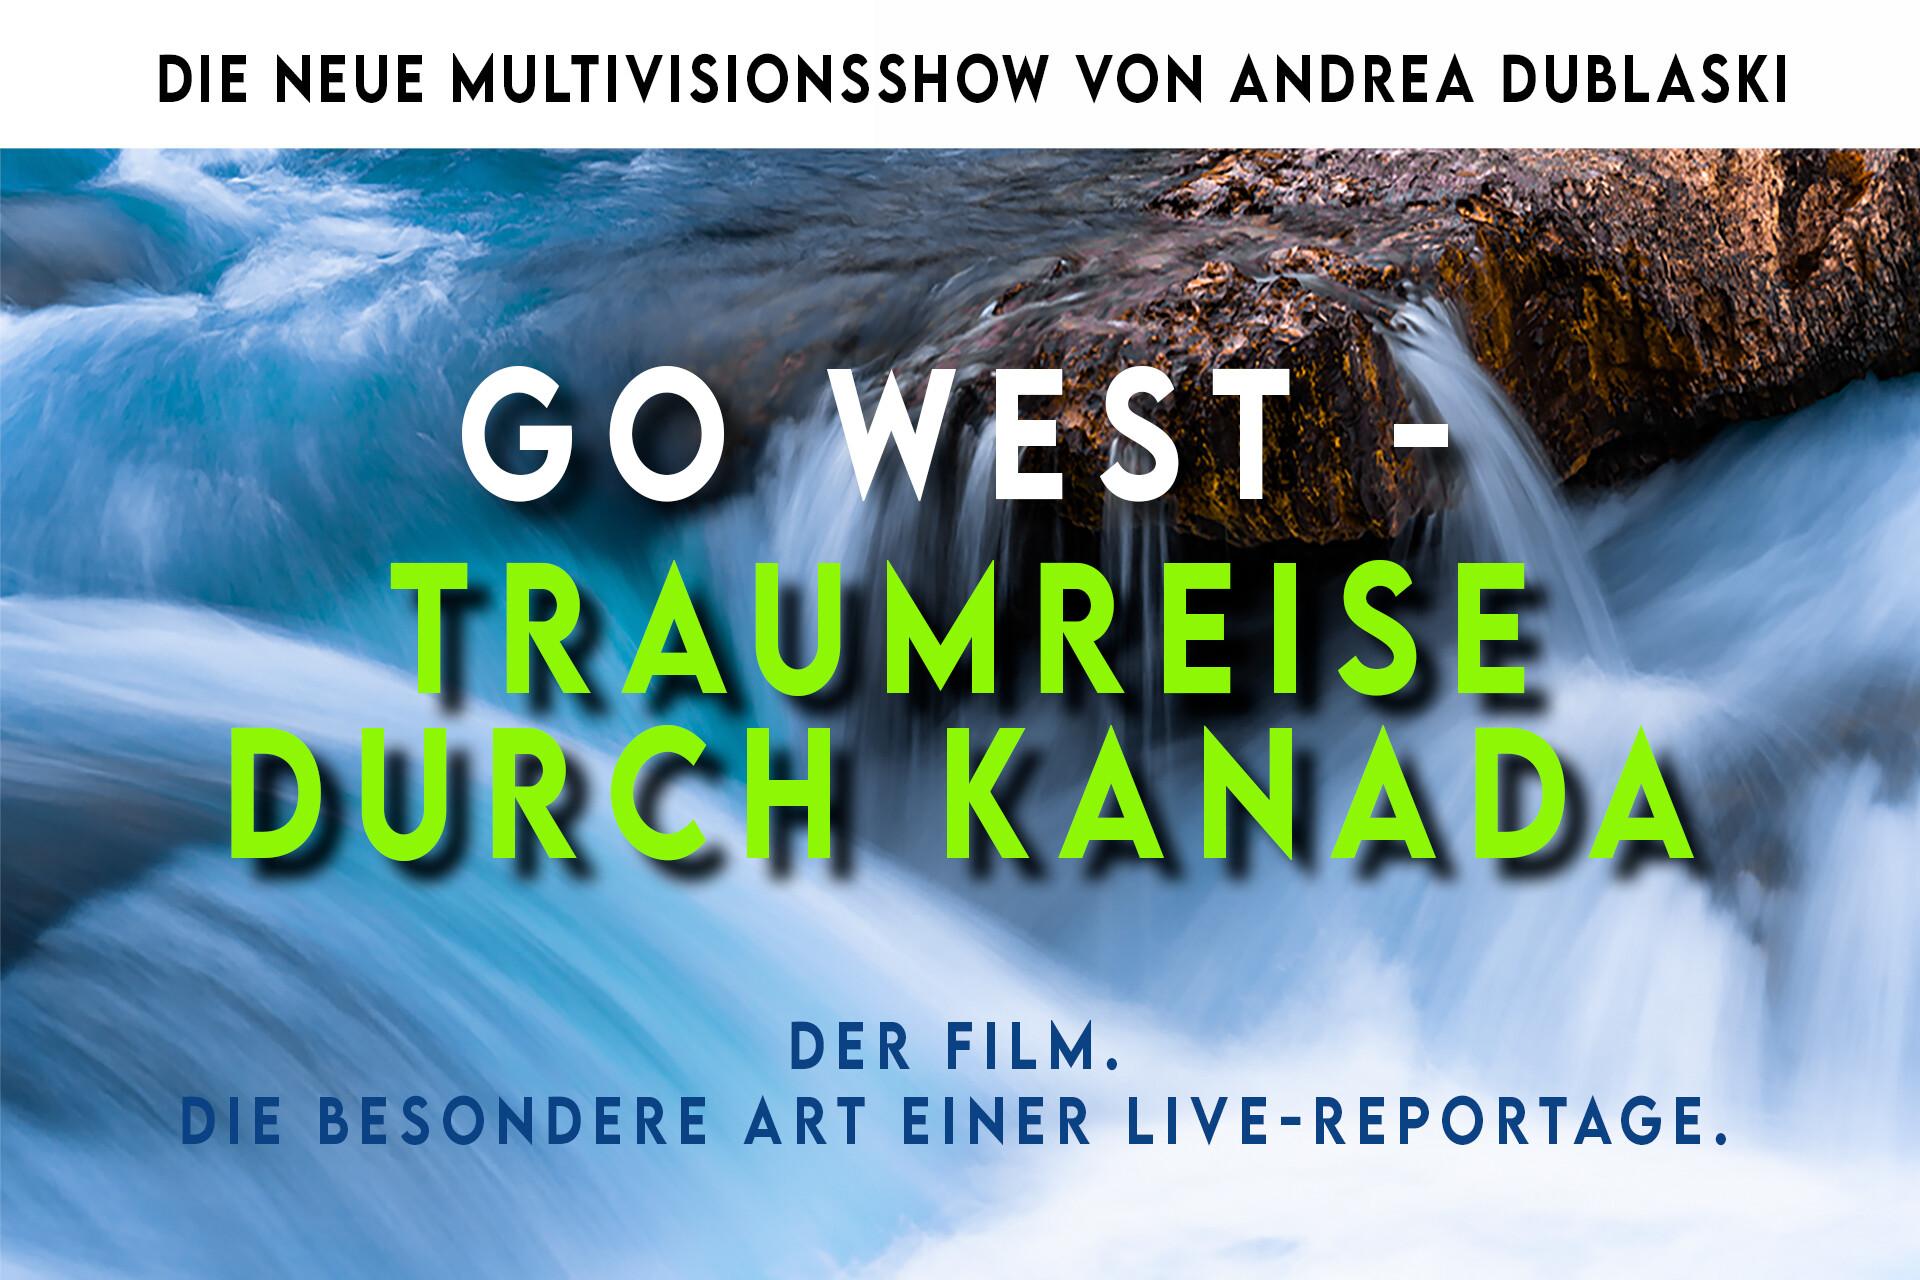 GO WEST - TRAUMREISE DURCH KANADA